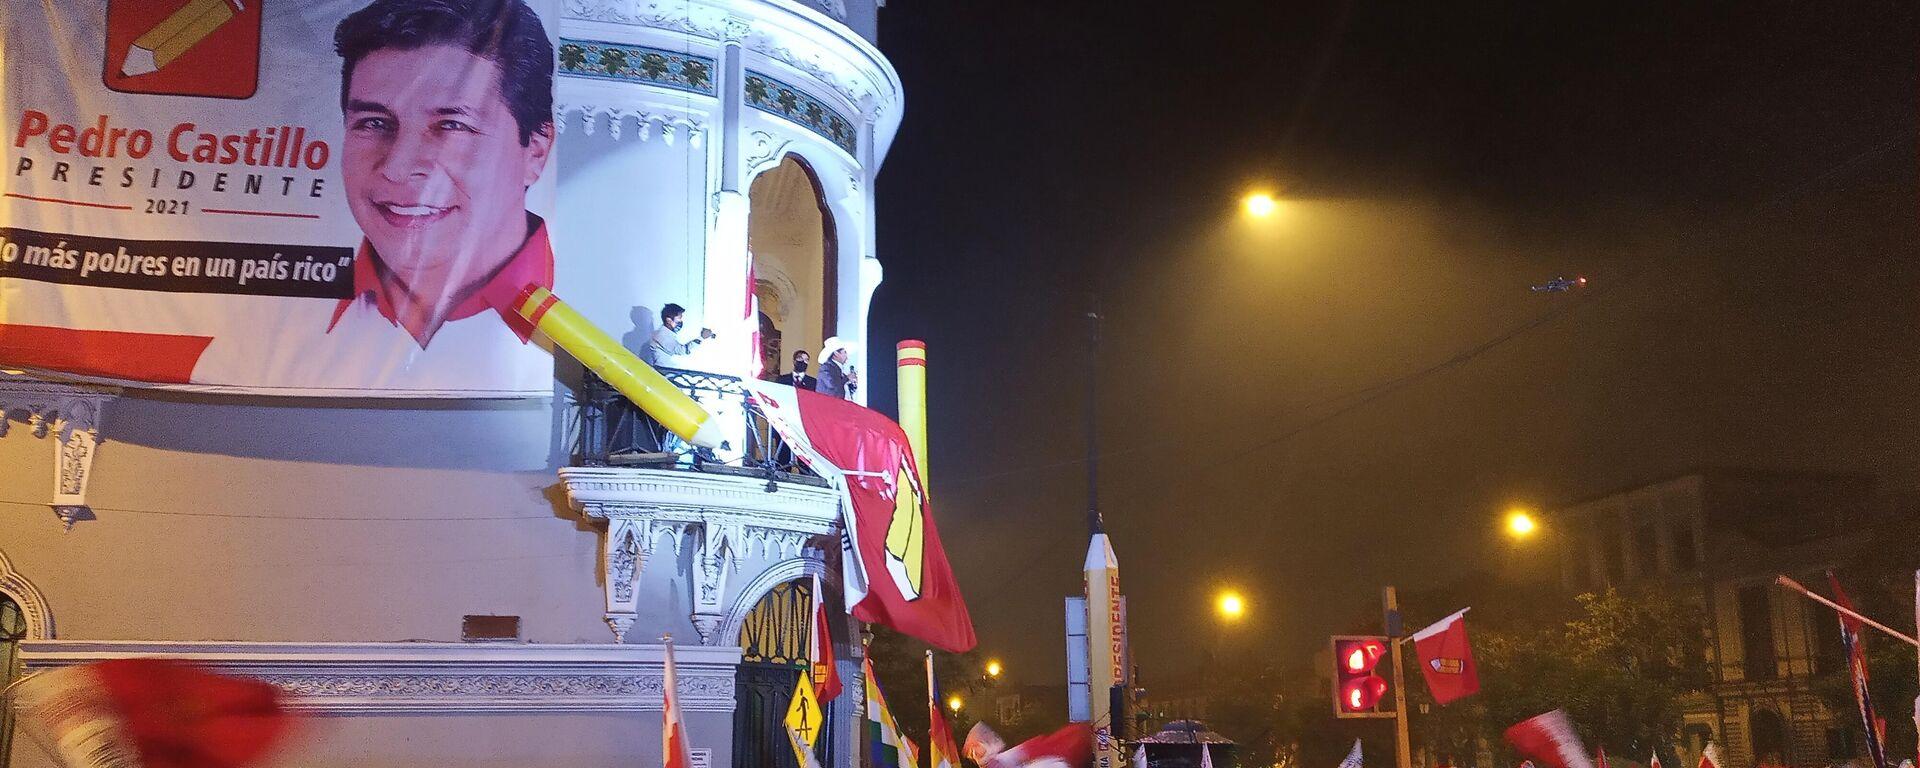 Pedro Castillo ante sus seguidores en Lima la noche del martes 15 de junio - Sputnik Mundo, 1920, 17.06.2021